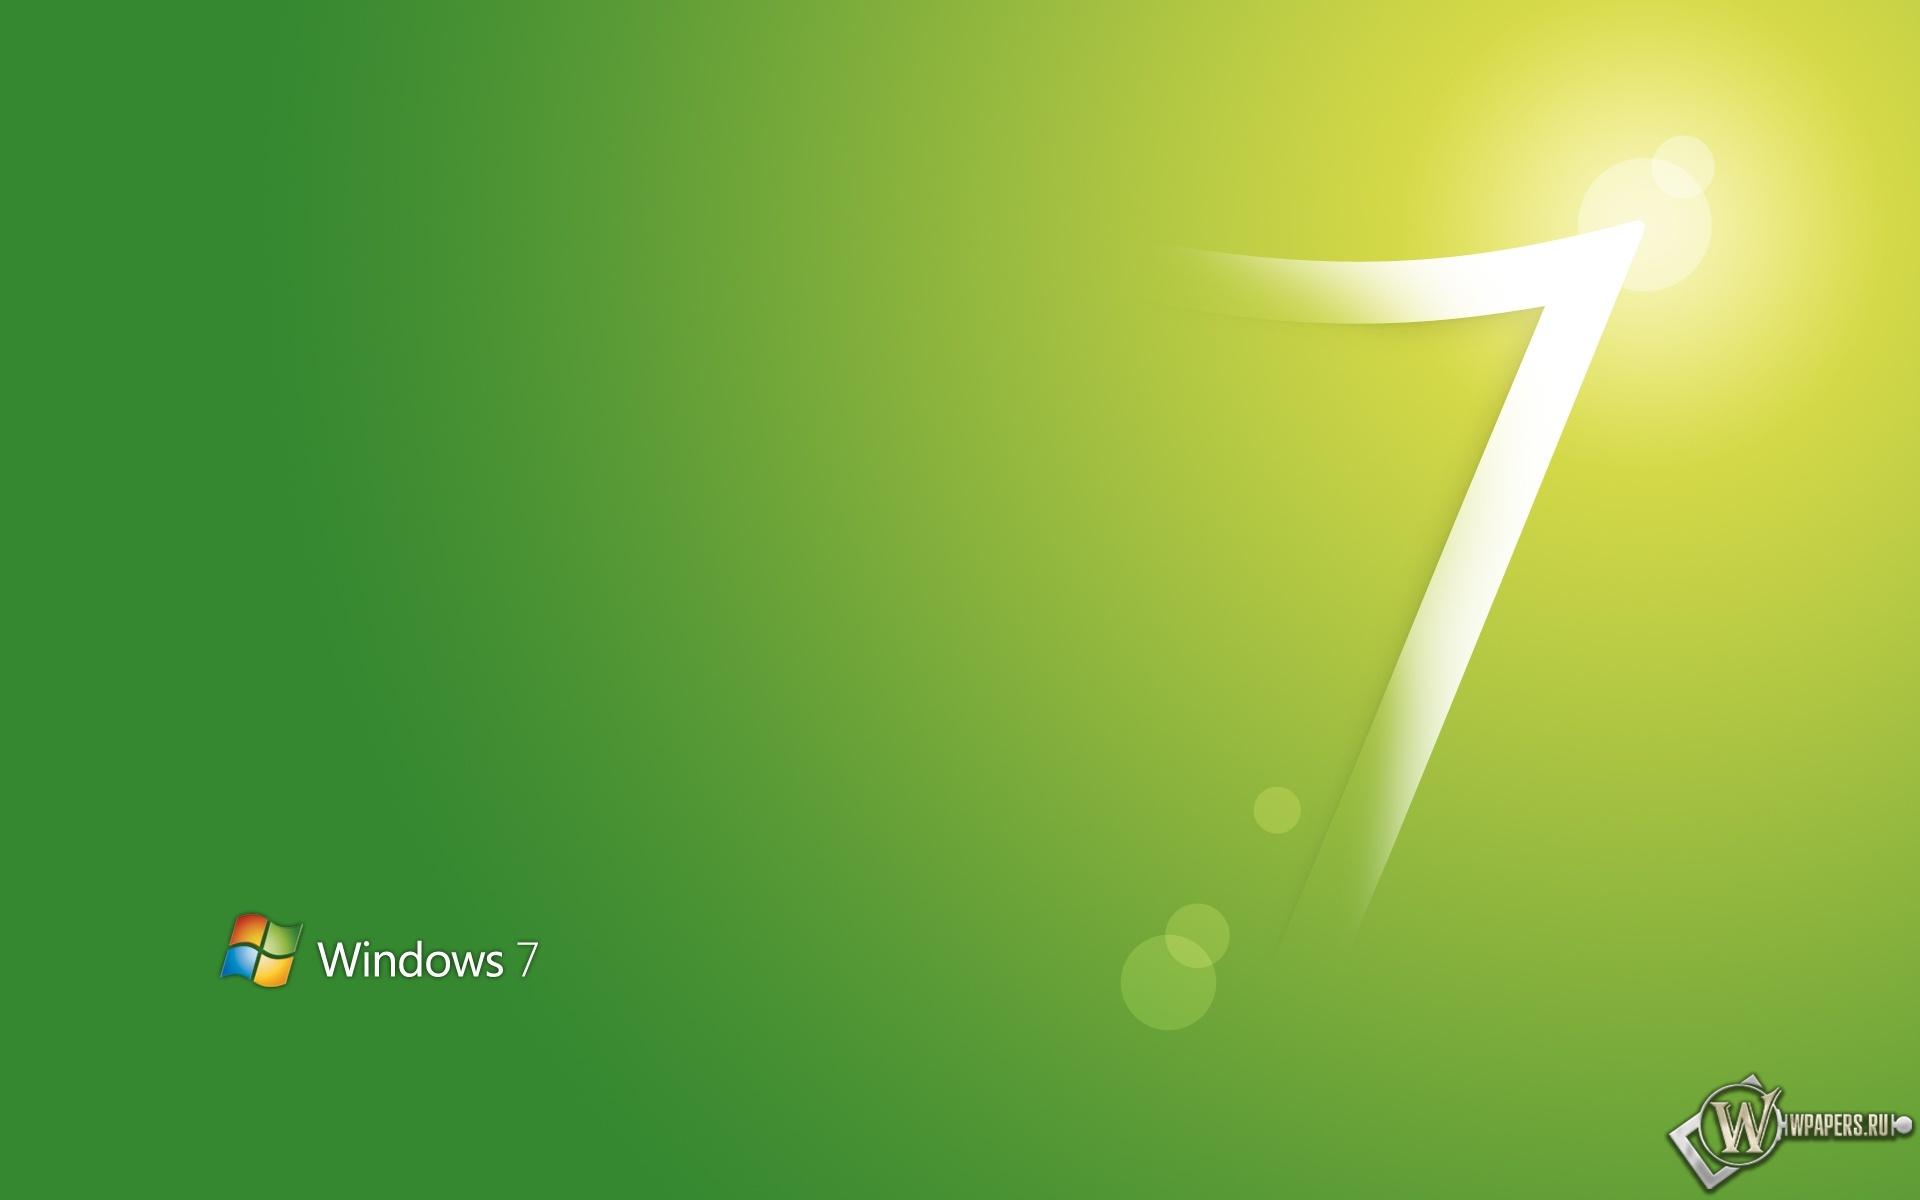 Windows 7 1920x1200